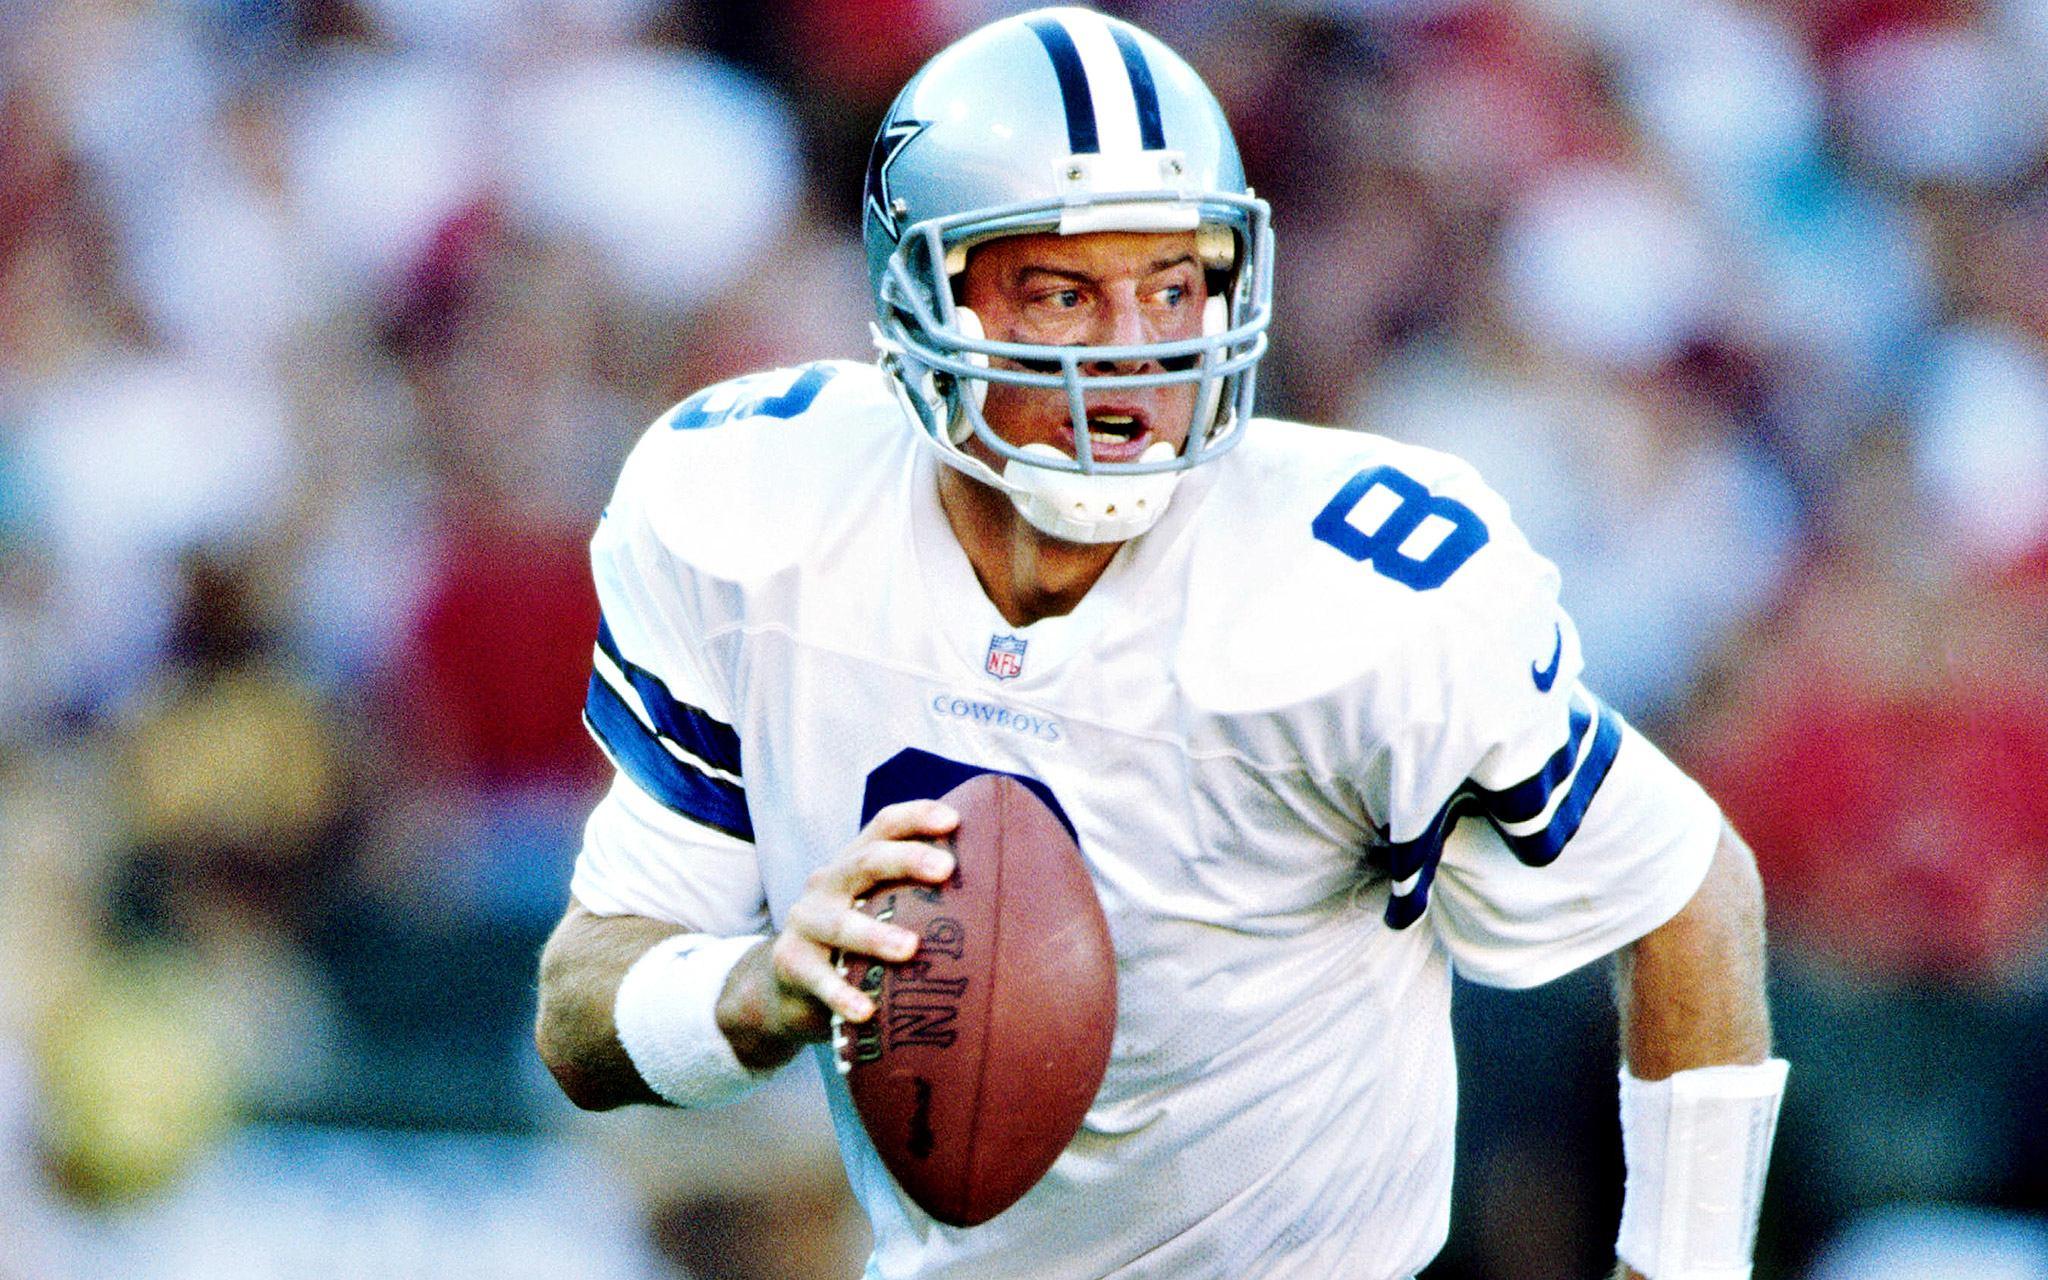 Cowboys CTK: Cowboy Legend Troy Aikman Dominates #8 ✭